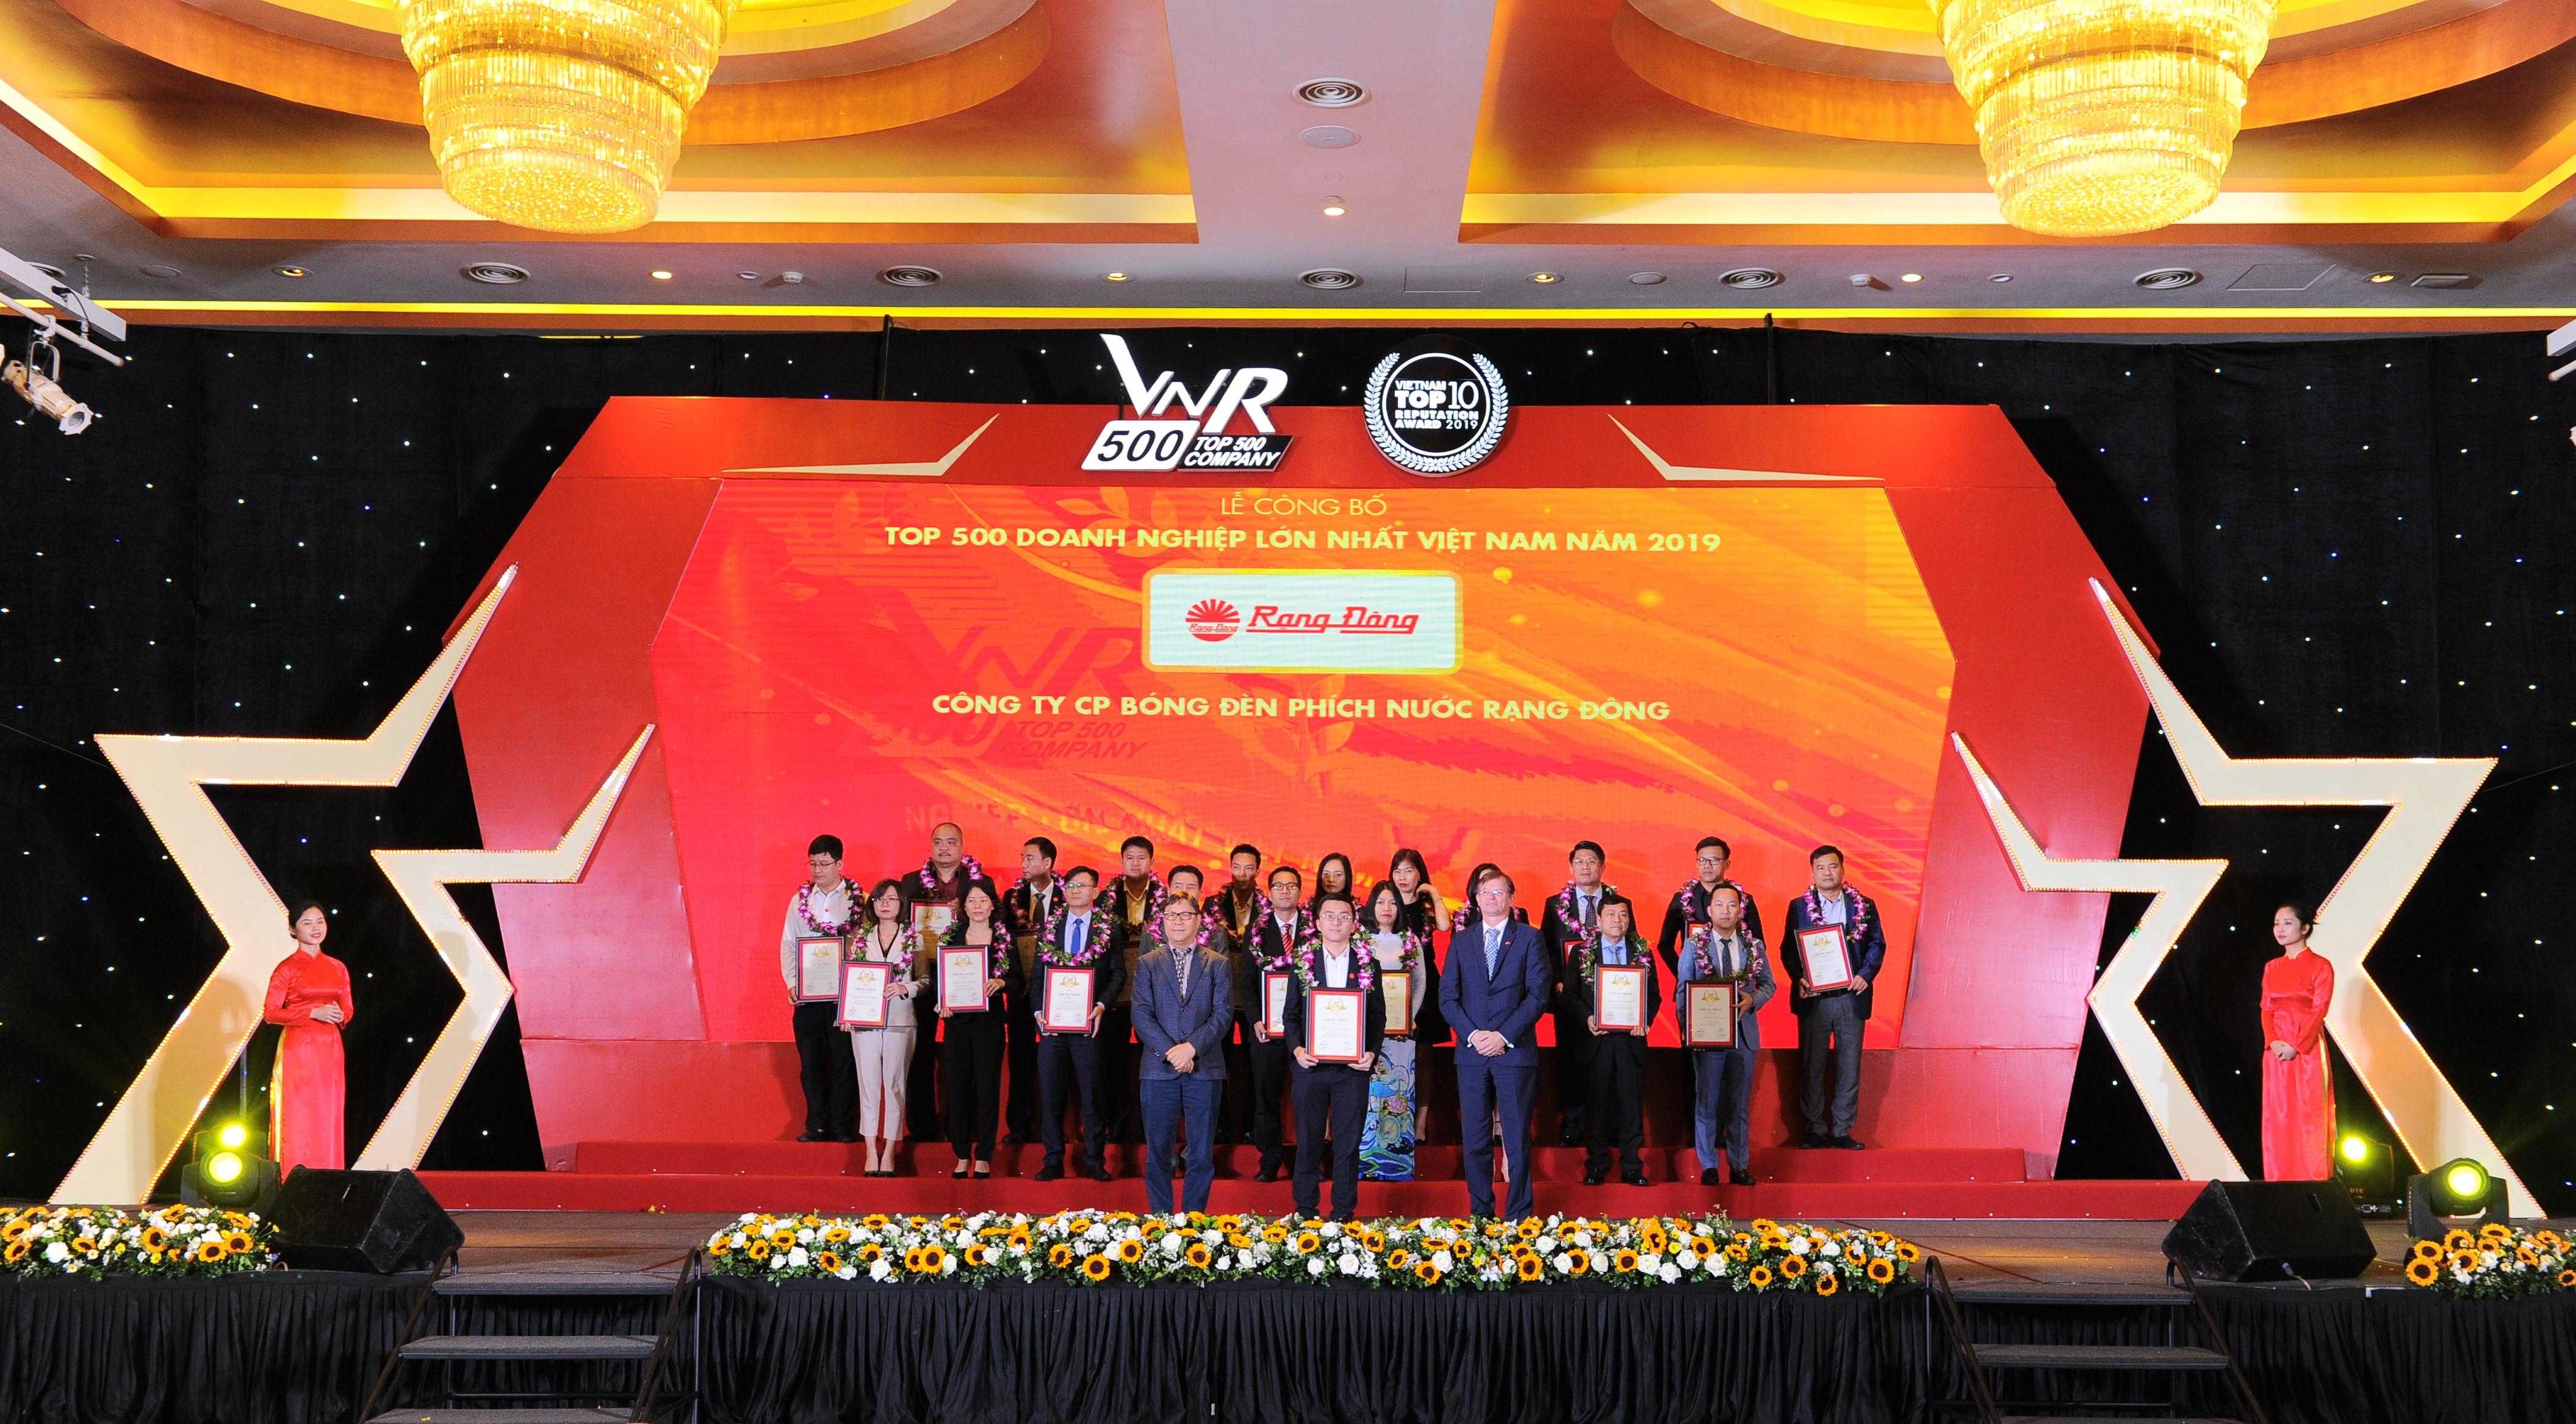 Rạng Đông lọt Top 500 doanh nghiệp lớn nhất Việt Nam năm 2019